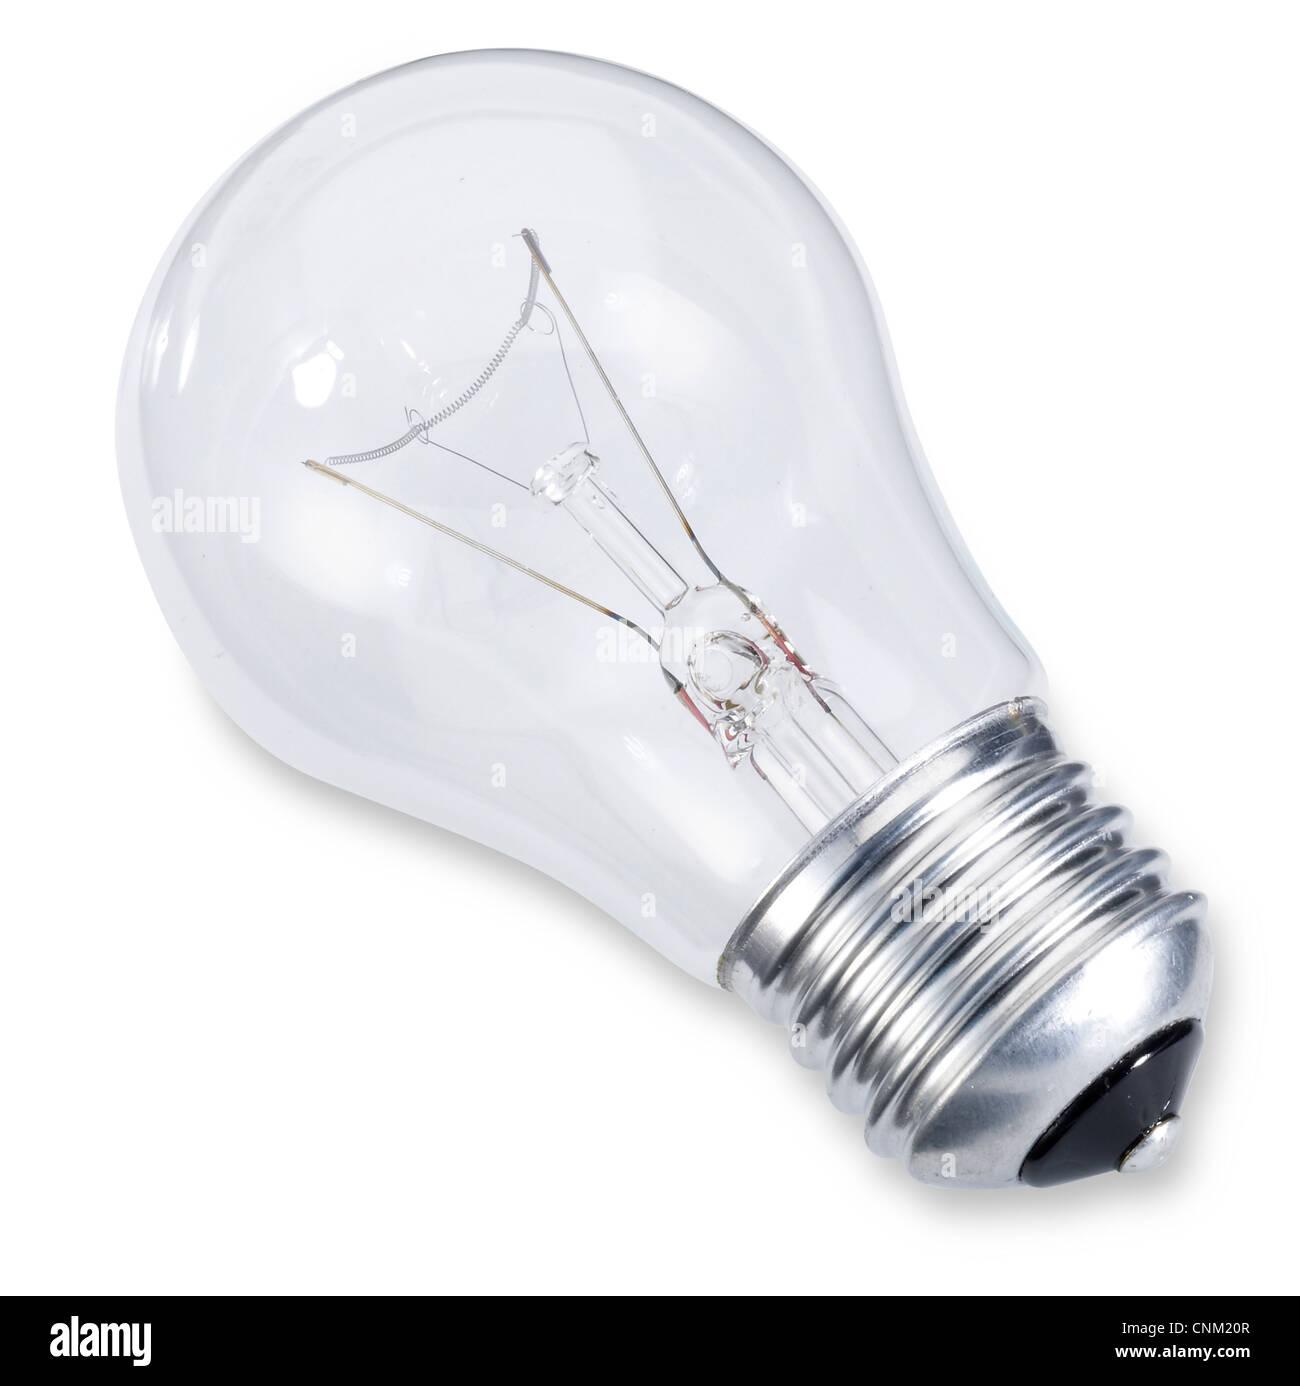 eine Edison Schraube Glühbirne isoliert auf weiss mit Beschneidungspfad Stockbild